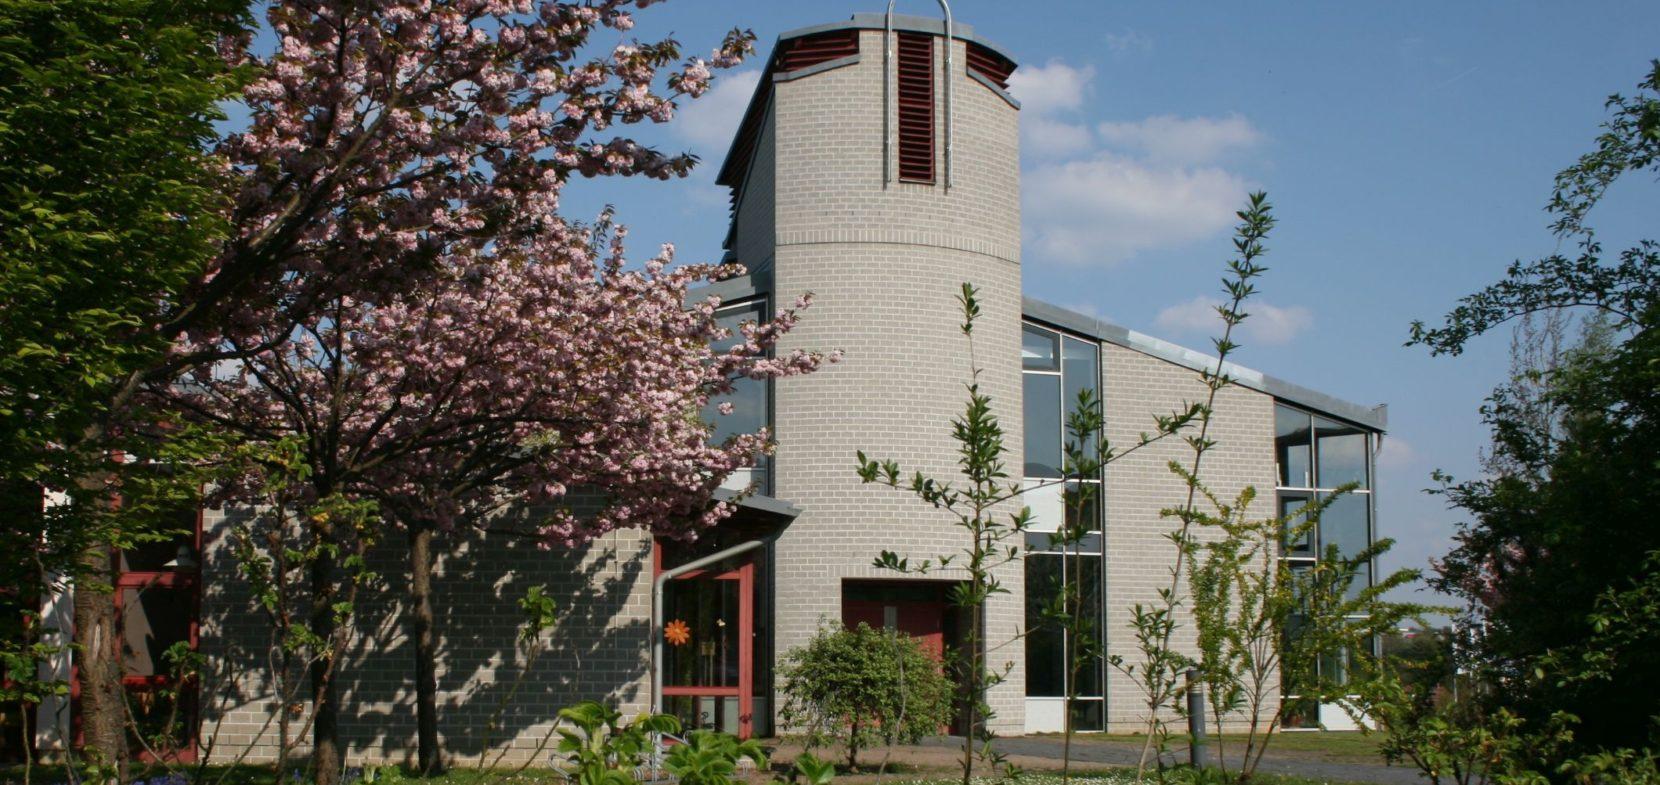 Ev.-Luth. St.-Michaelis-Kirchgemeinde Plauen